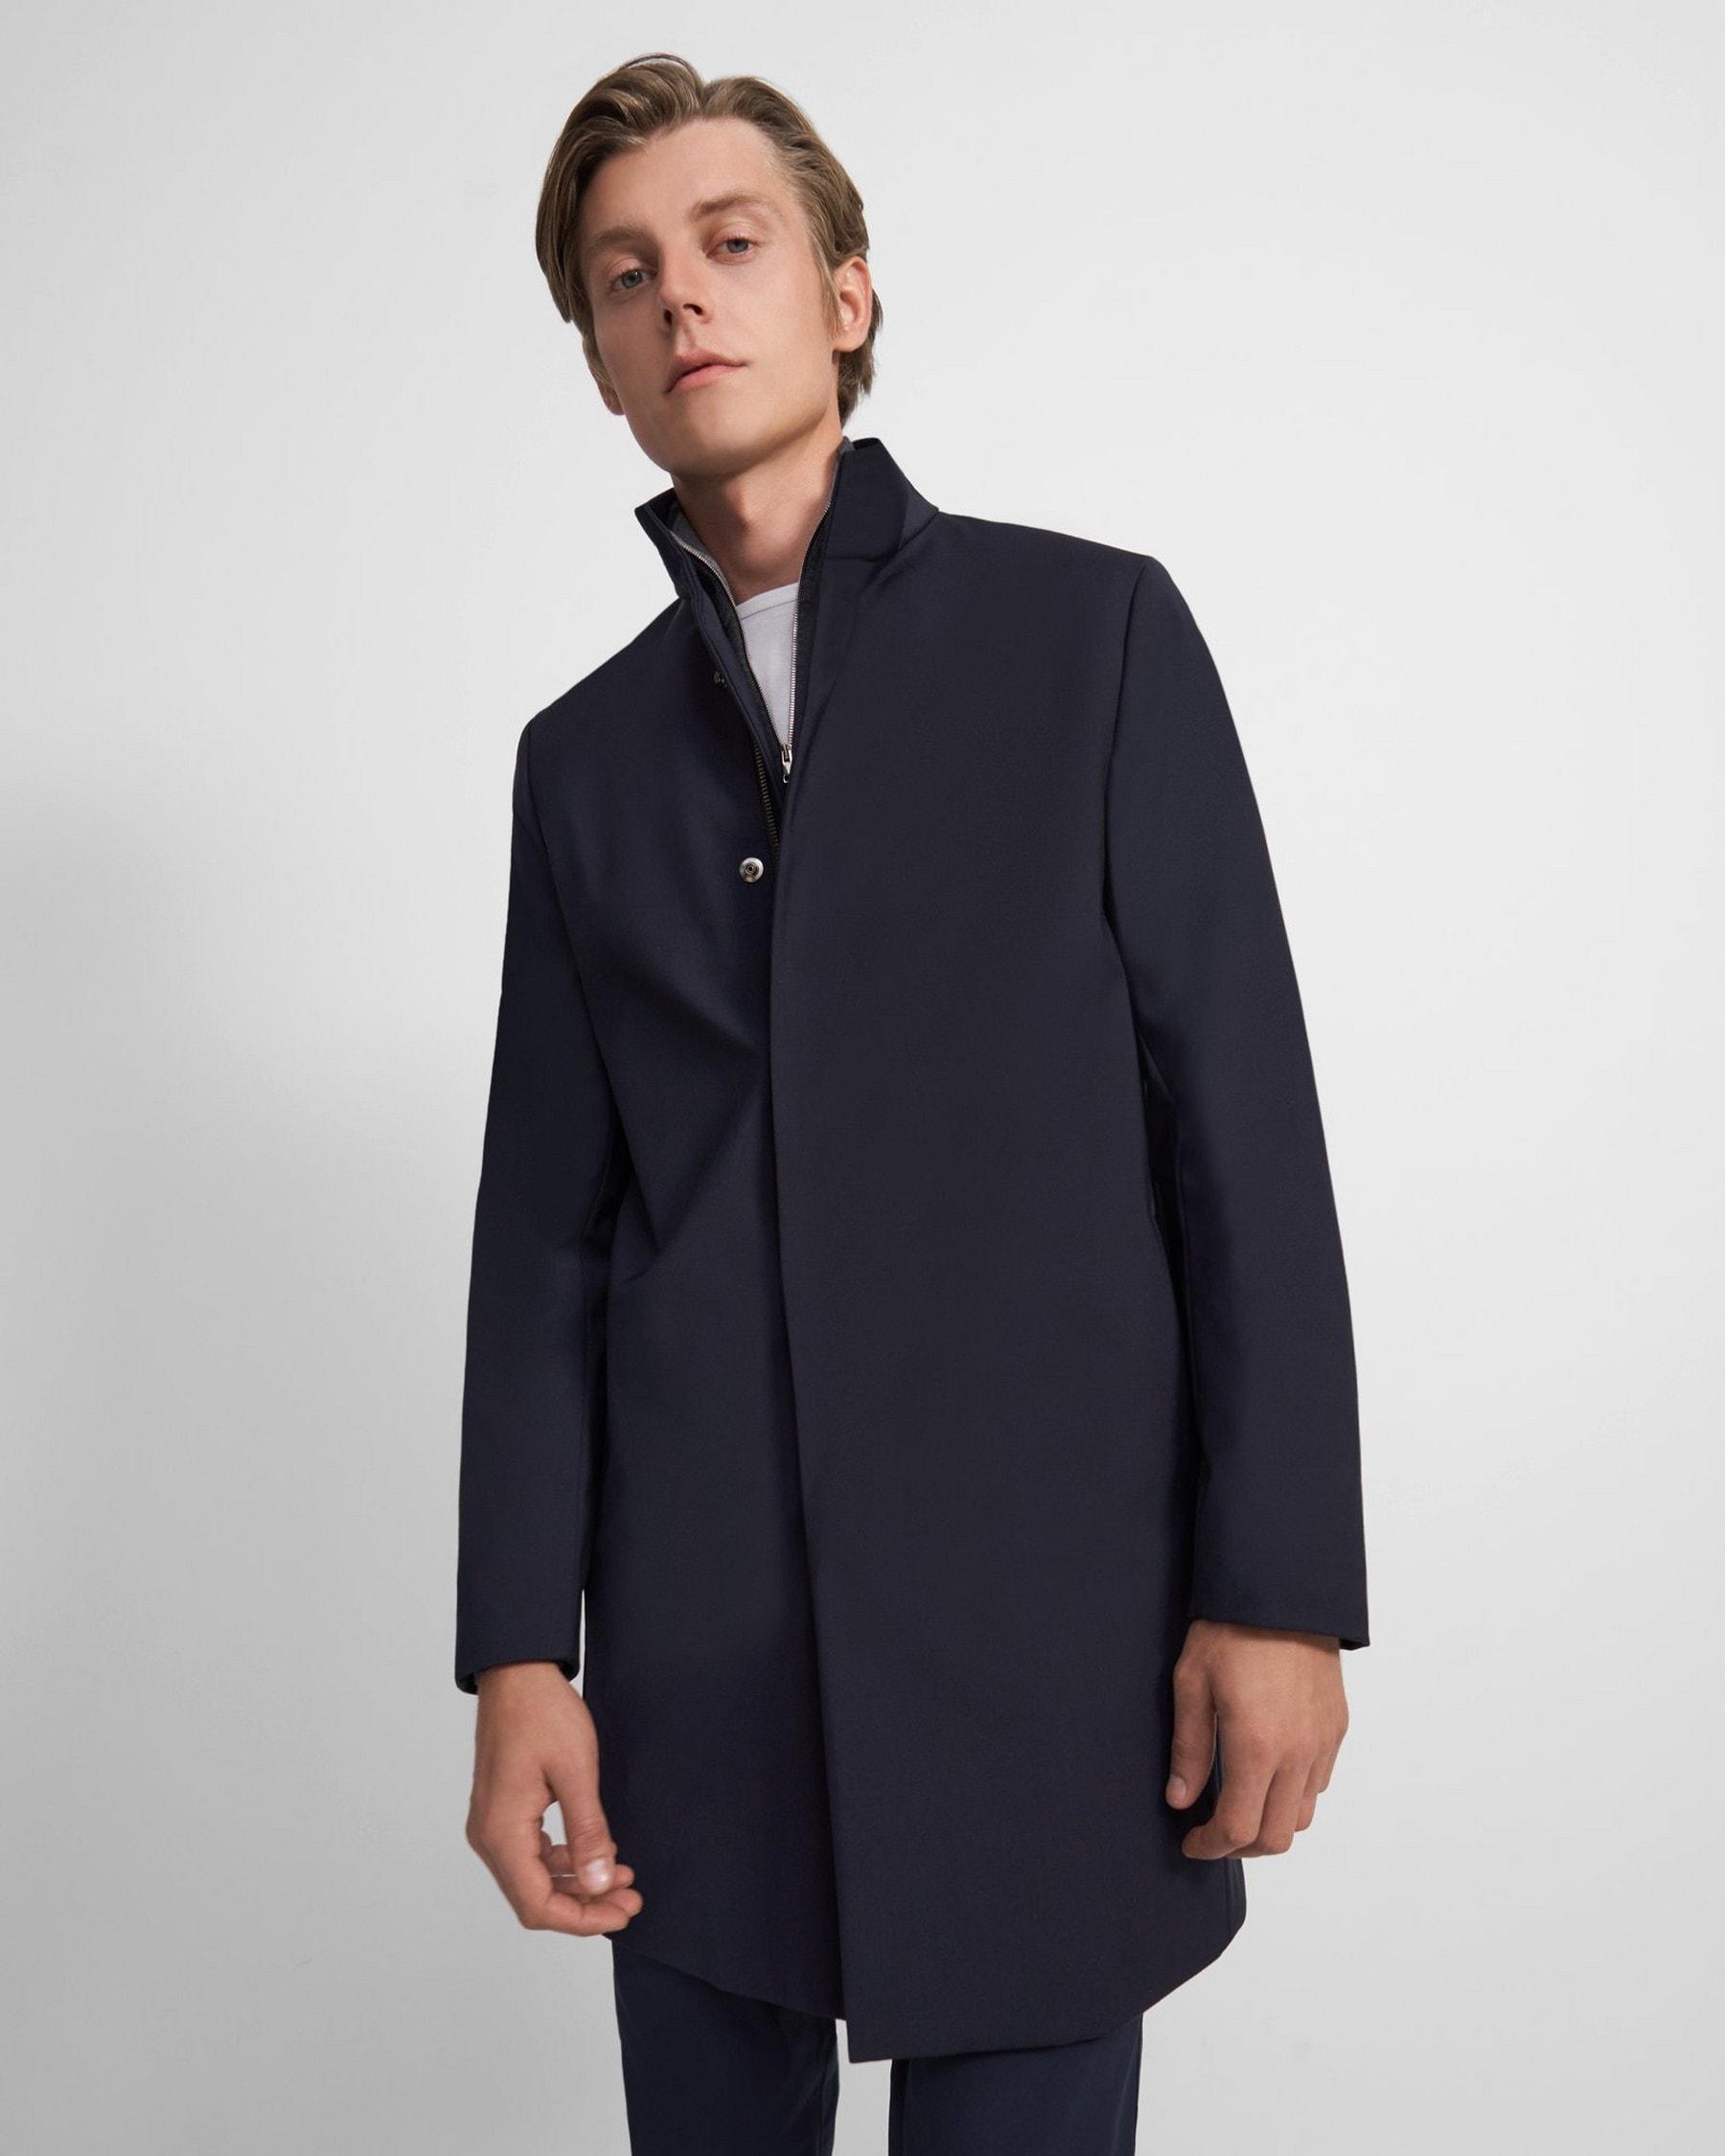 Theory Belvin Coat in Wool Blend